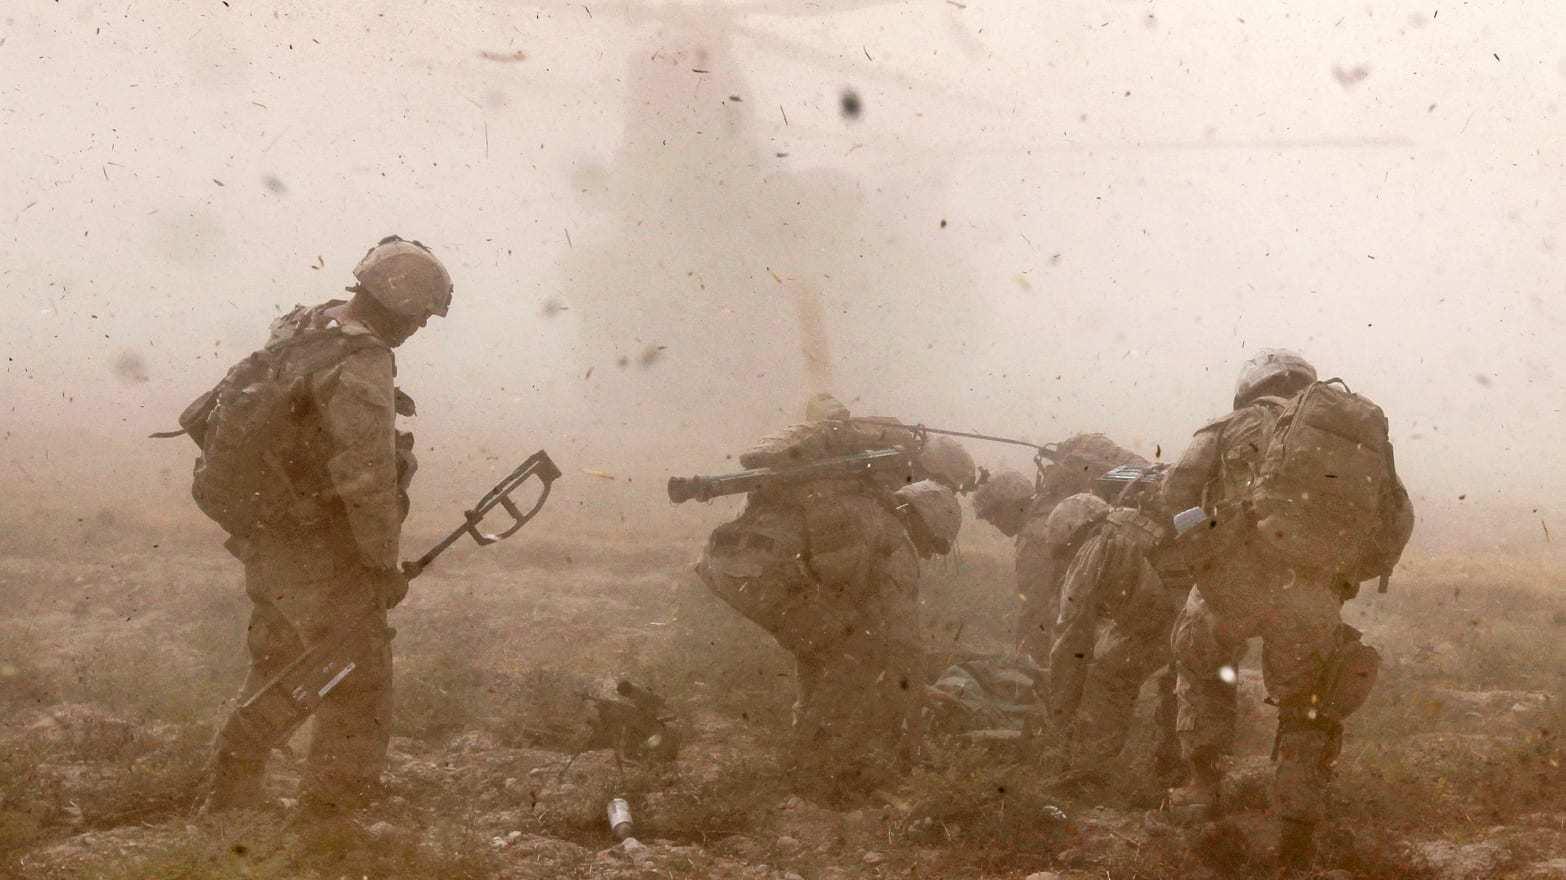 Mỹ biện minh 'chỉ chống khủng bố' ở Afghanistan liệu có thuyết phục?